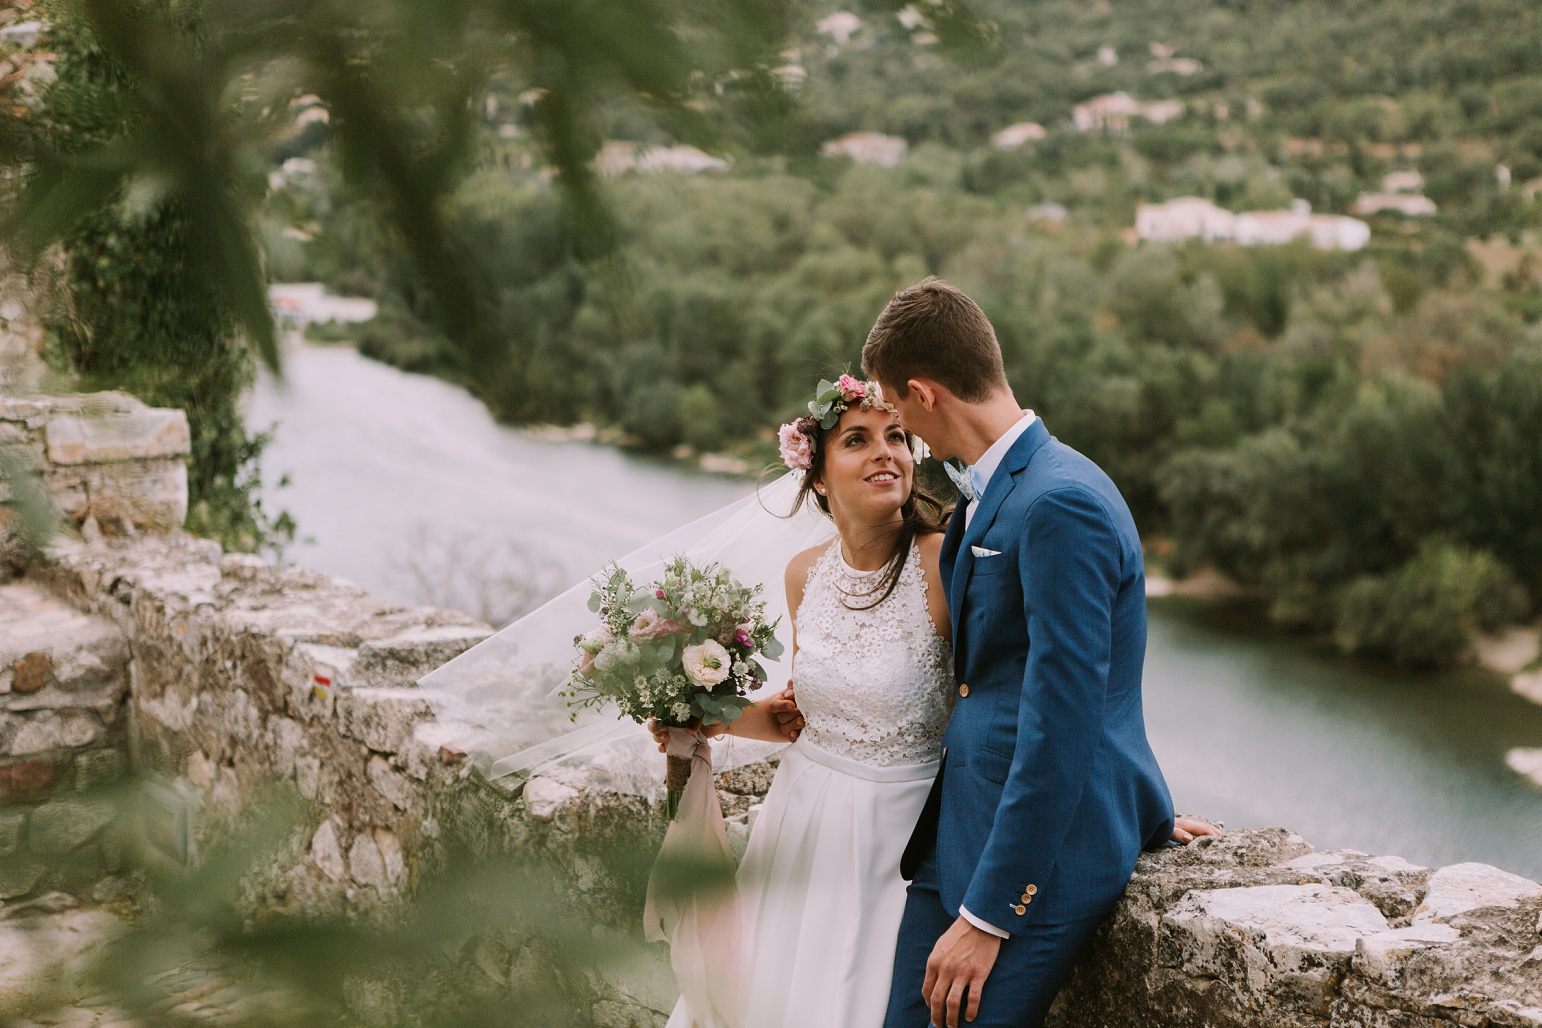 kateryna-photos-mariage-wedding-france-ardeche-domaine-clos-hullias-Saint-Christol-de-Rodière-gard-cevennes_0151.jpg